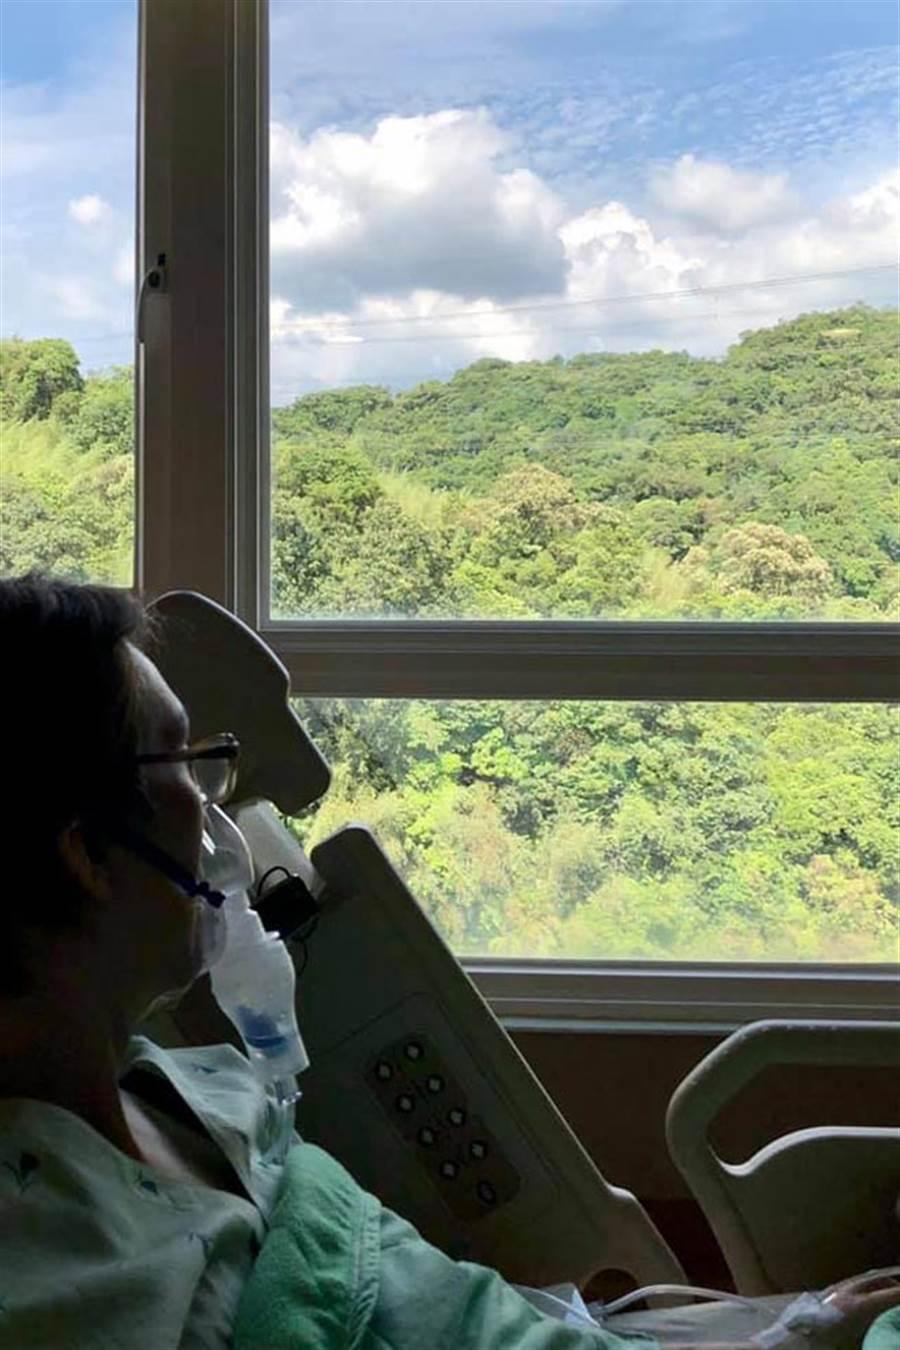 林志炫生日前一天突po文,曝光身體出狀況,竟戴著氧氣罩還住院。(取材自林志炫臉書)